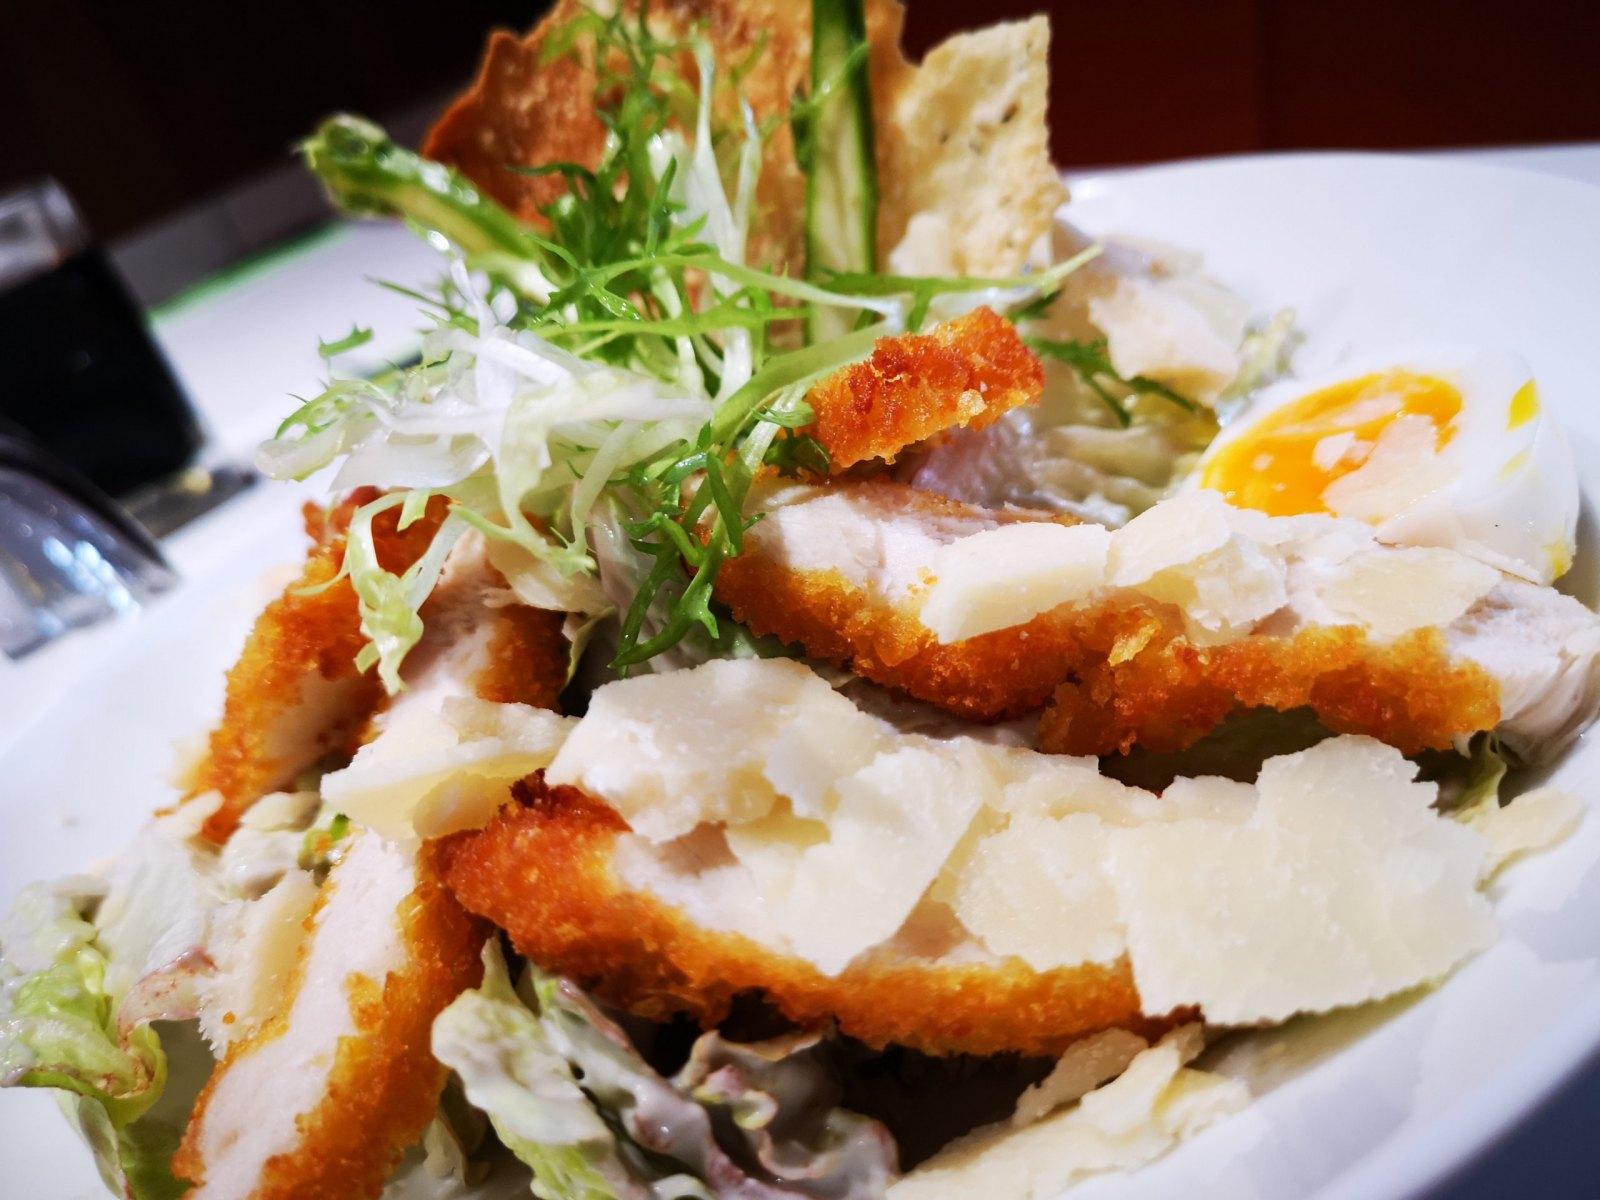 Salade César accompagné de poulet, parmesan et oeuf